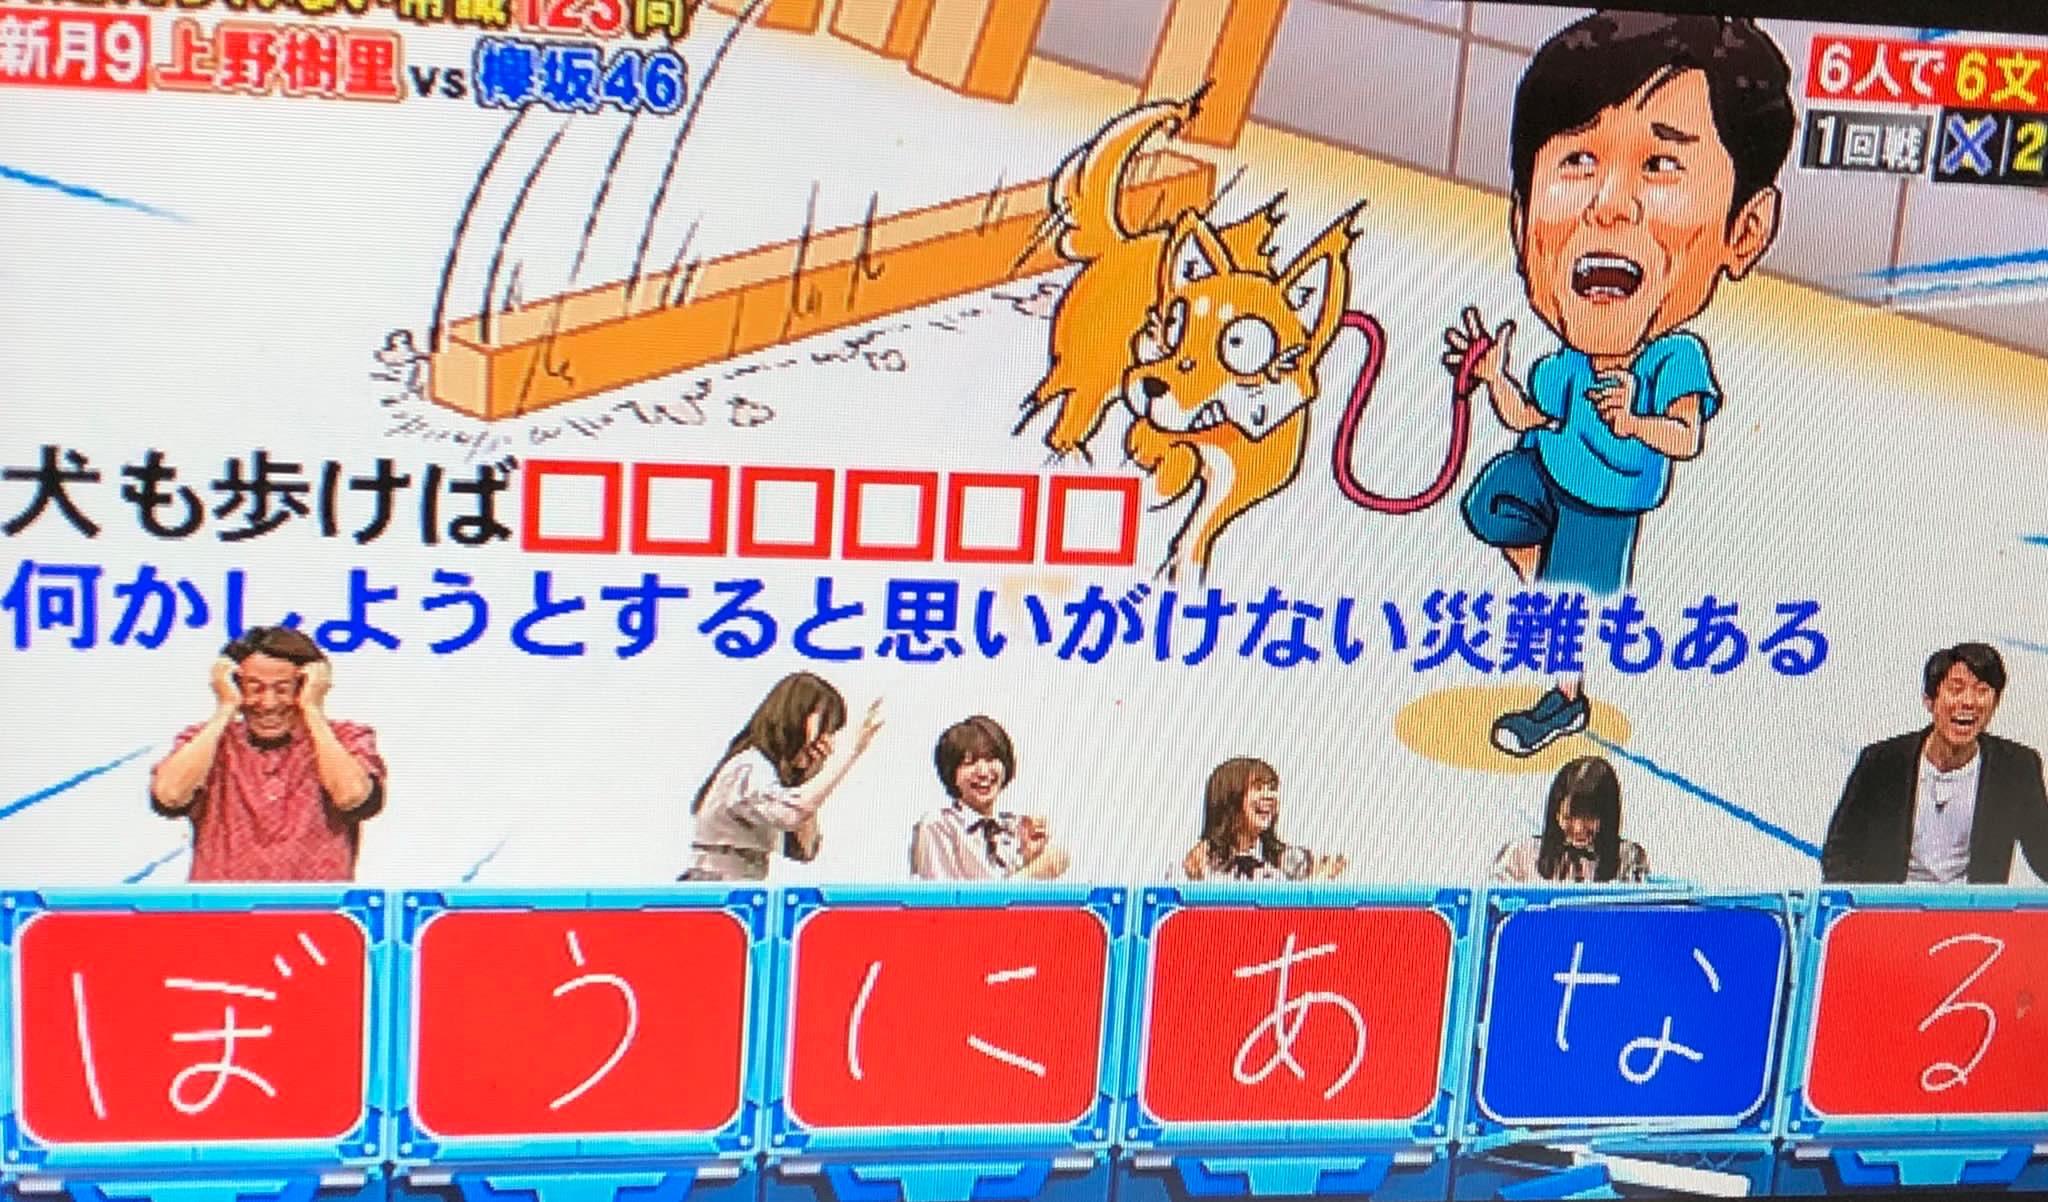 【放送事故】アイドル、クイズ番組でエチエチな回答をしてしまうwww